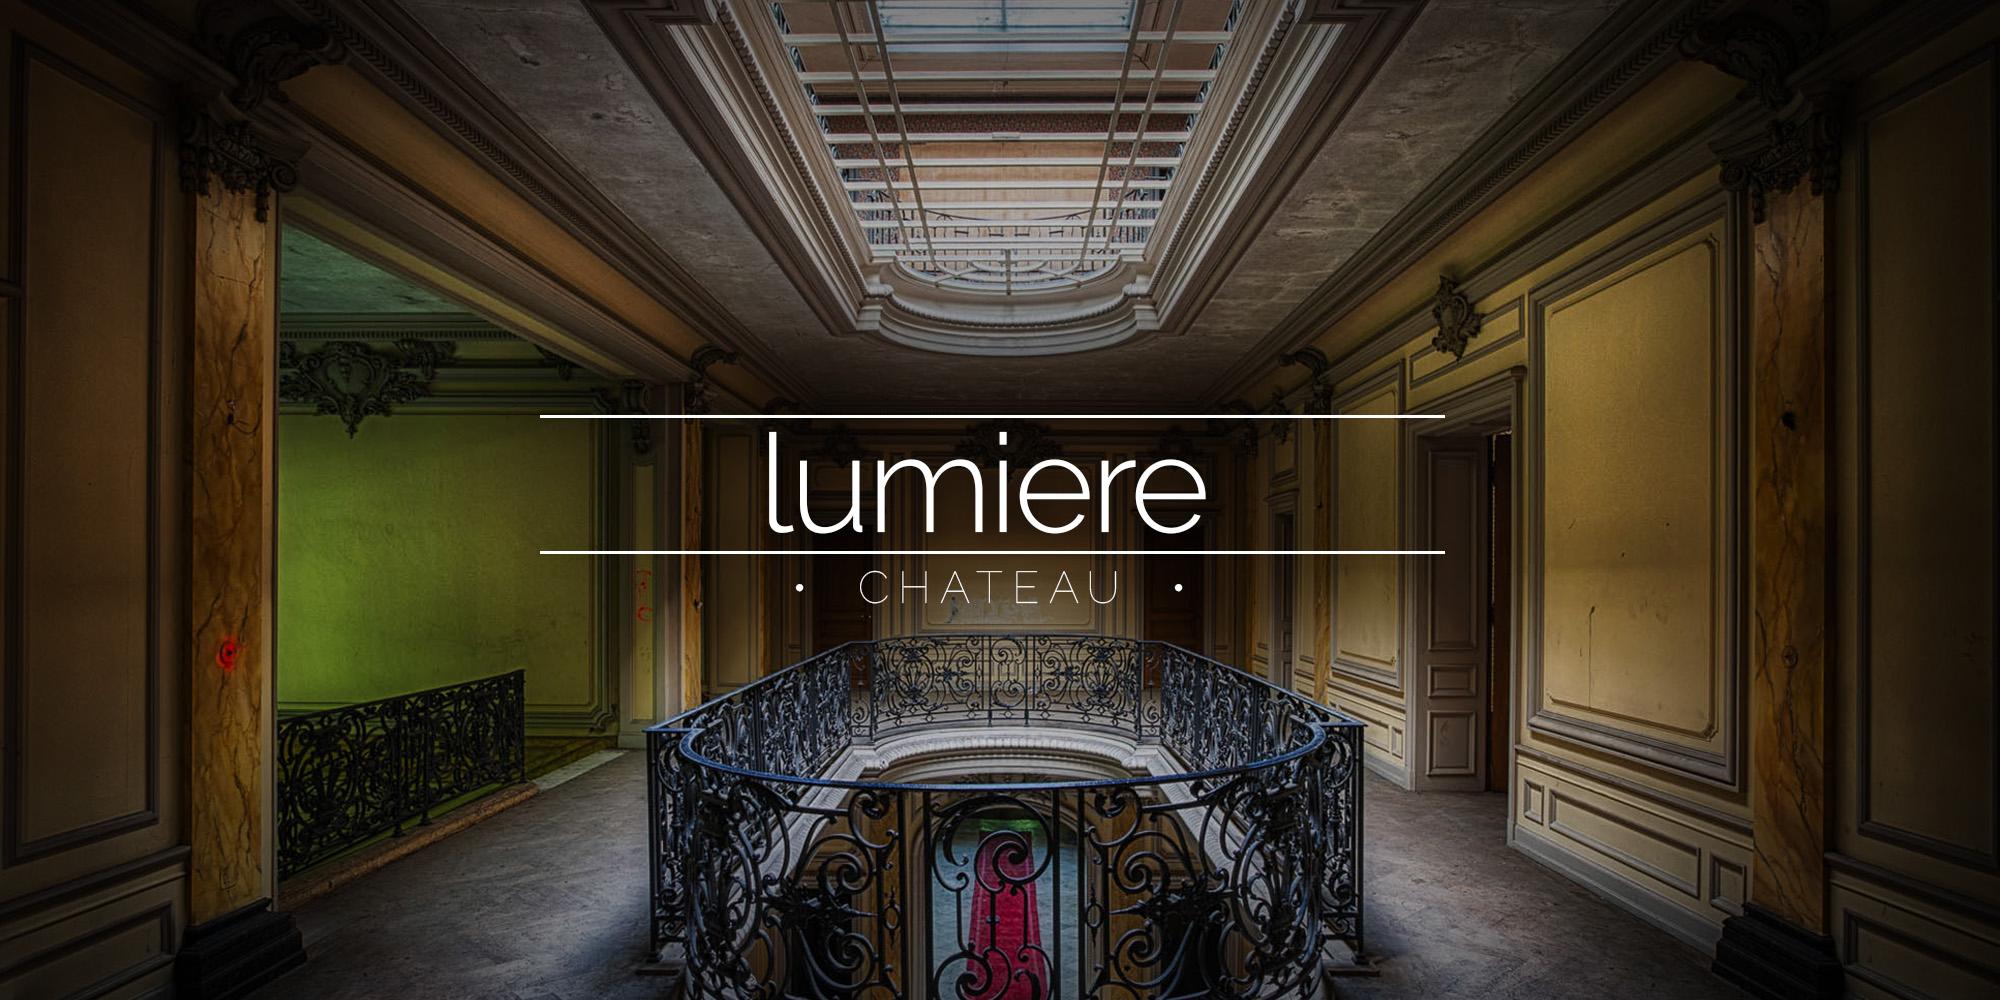 Château Lumiere, France